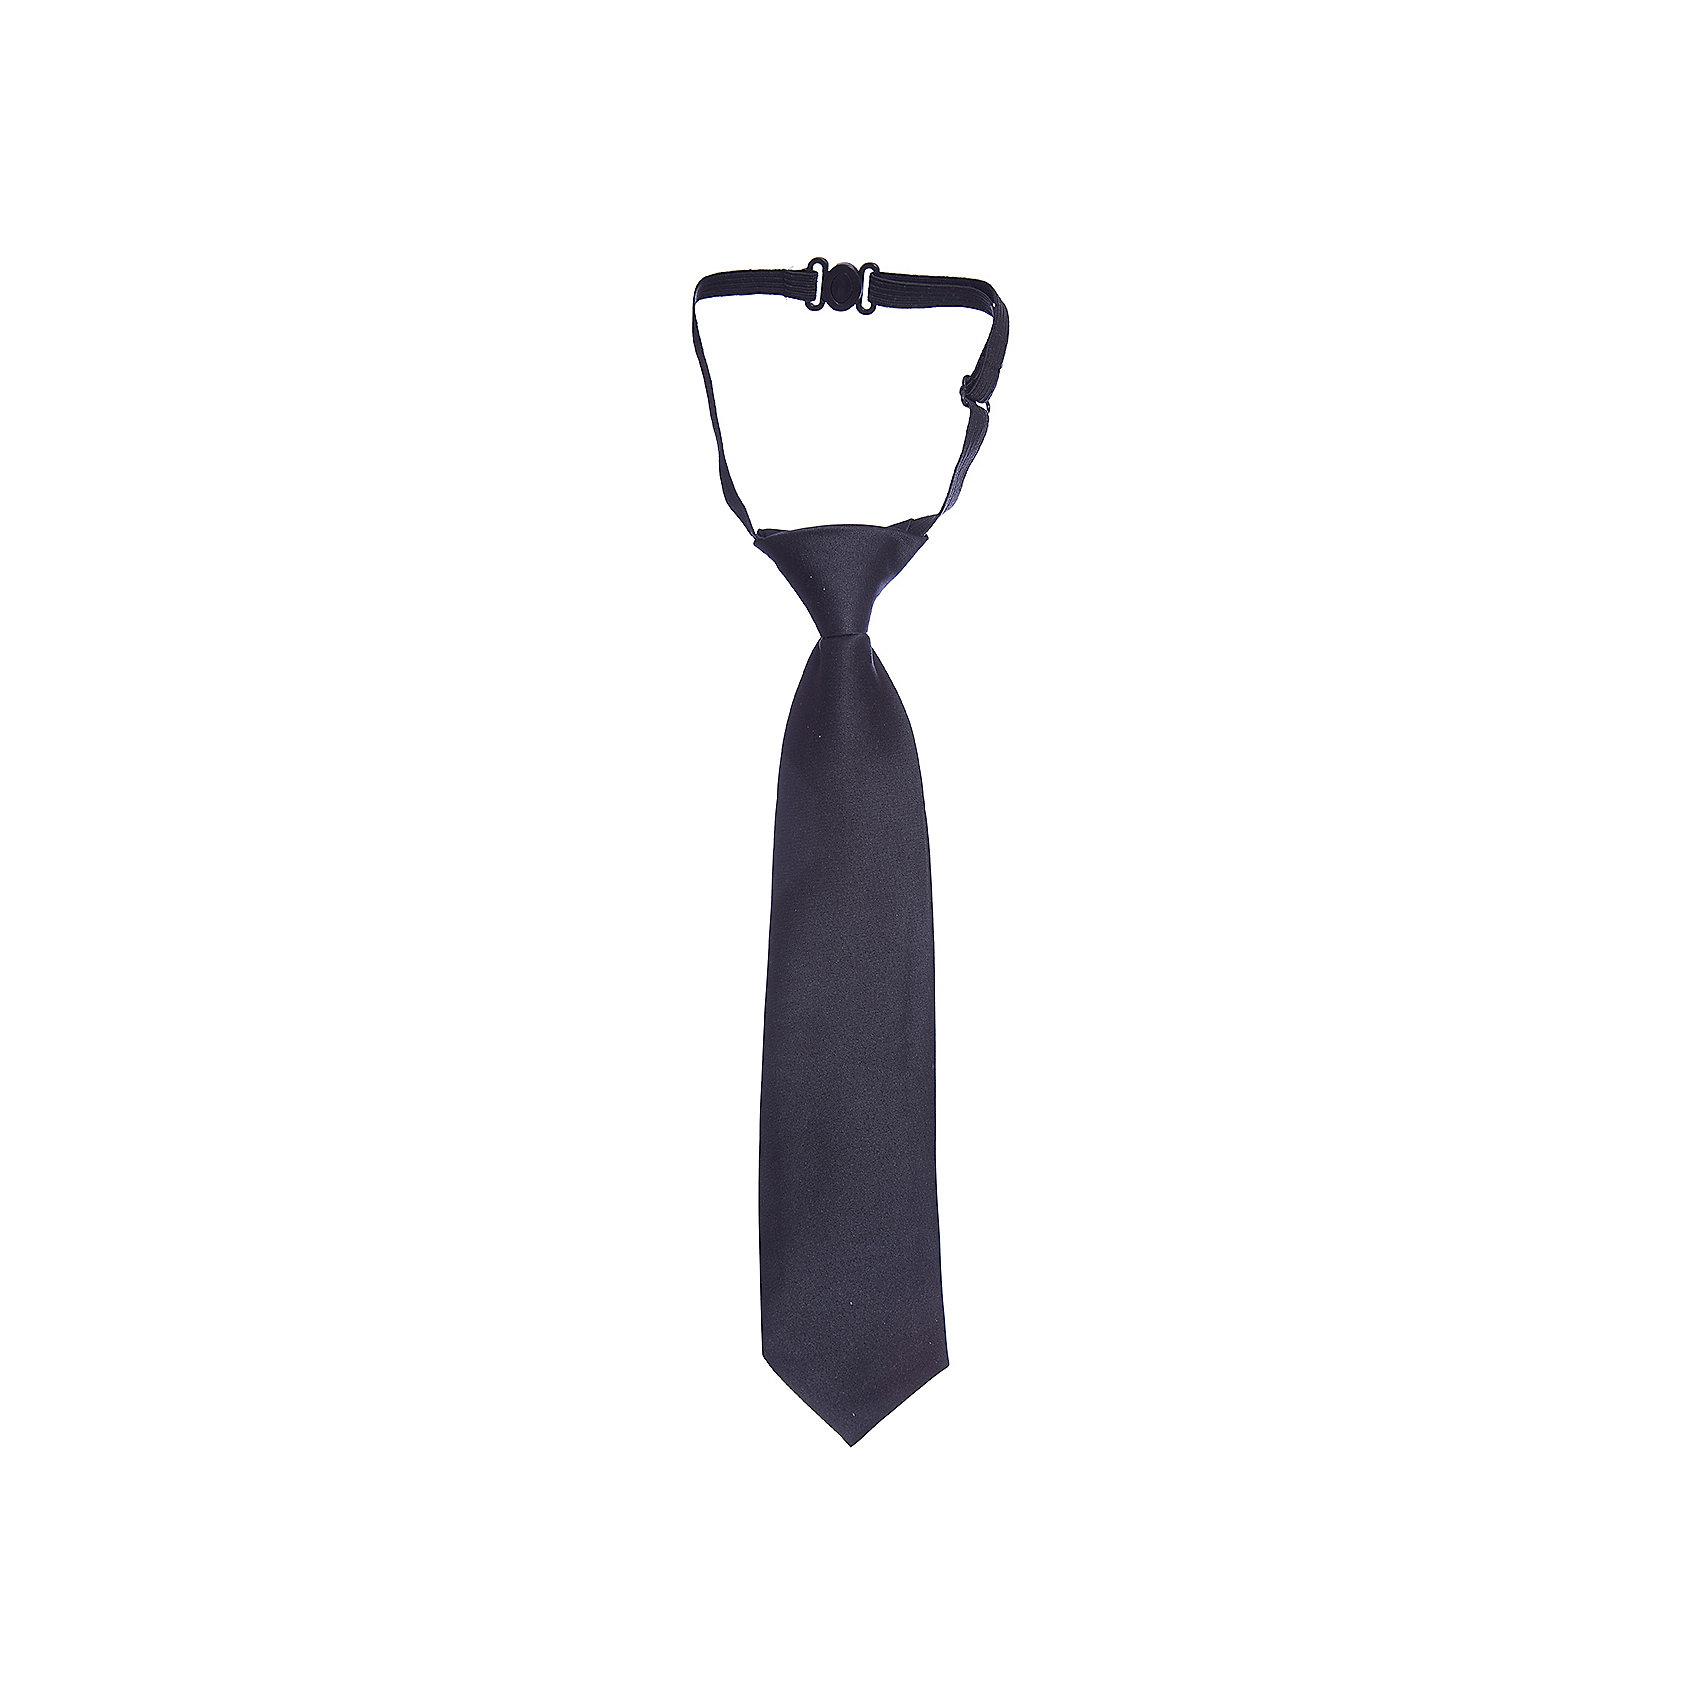 Галстук для мальчика GulliverАксессуары<br>Красивый галстук для школьной формы - достойное завершение делового ансамбля. Для удобства и экономии драгоценного утреннего времени, модель имеет резинку, позволяющую легко и быстро зафиксировать галстук на воротнике рубашки. Купить галстук на резинке, значит, приобрести стильный и удобный аксессуар для создания образа серьезного, уверенного в себе юноши.<br>Состав:<br>100% полиэстер<br><br>Ширина мм: 170<br>Глубина мм: 157<br>Высота мм: 67<br>Вес г: 117<br>Цвет: черный<br>Возраст от месяцев: 120<br>Возраст до месяцев: 132<br>Пол: Мужской<br>Возраст: Детский<br>Размер: 146,122<br>SKU: 6678577